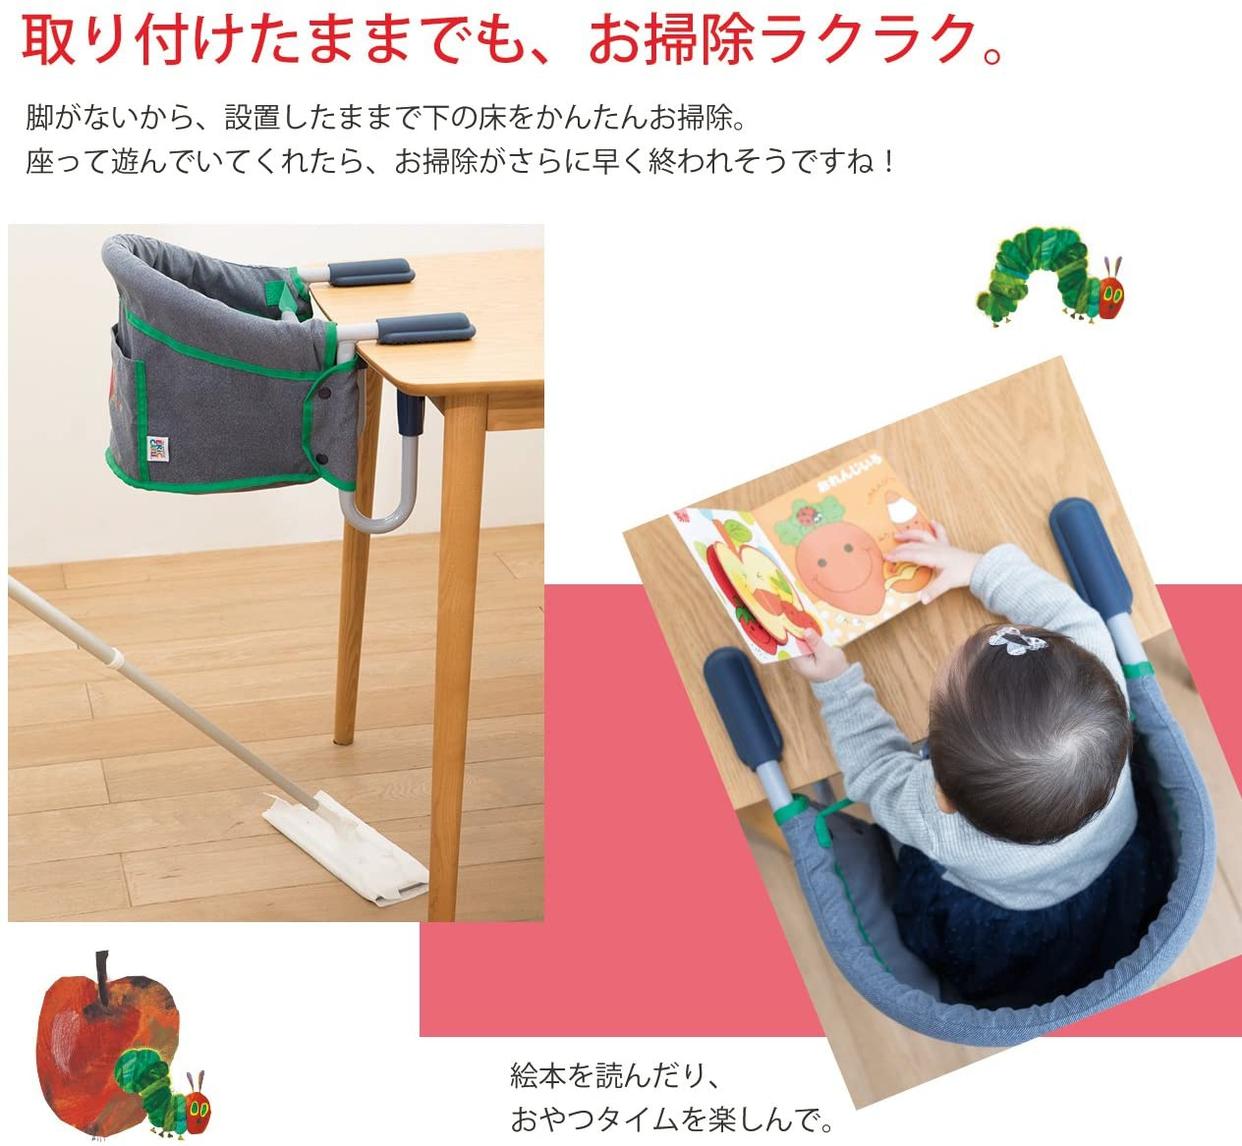 日本育児(nihon ikuji) はらぺこあおむし テーブルチェアの商品画像6